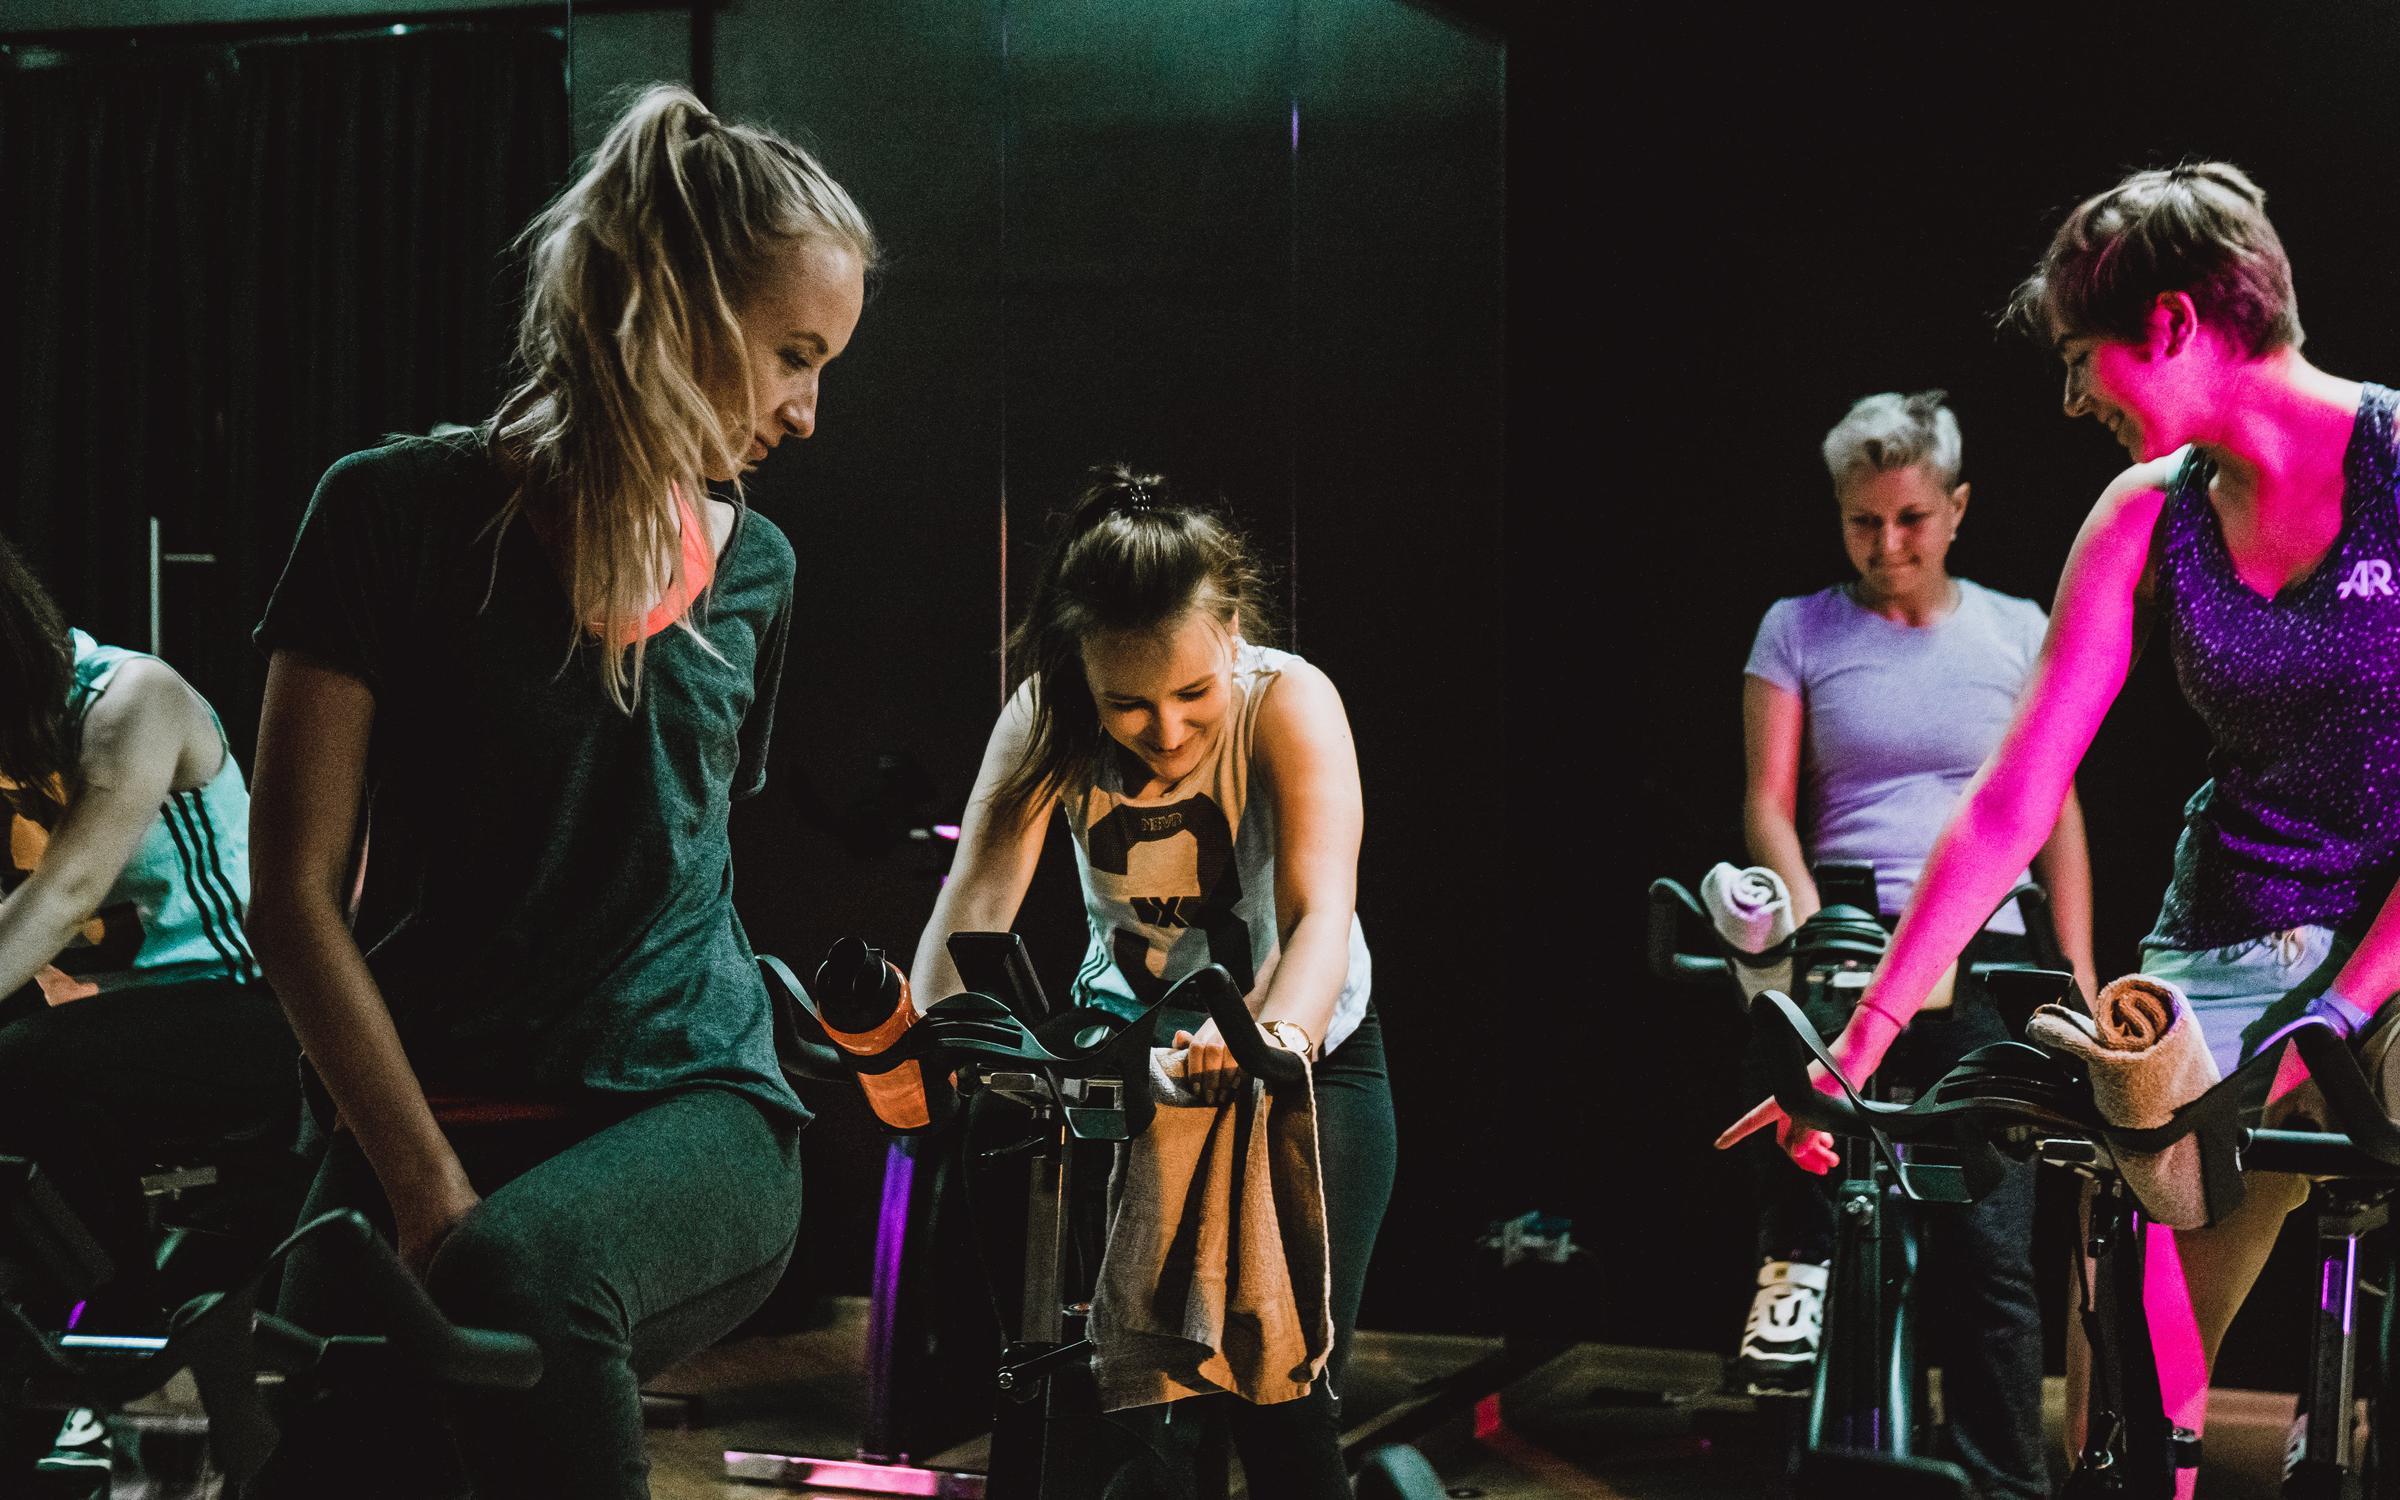 фотография Сеть студий персональных тренировок Pro Trener на Моховой улице